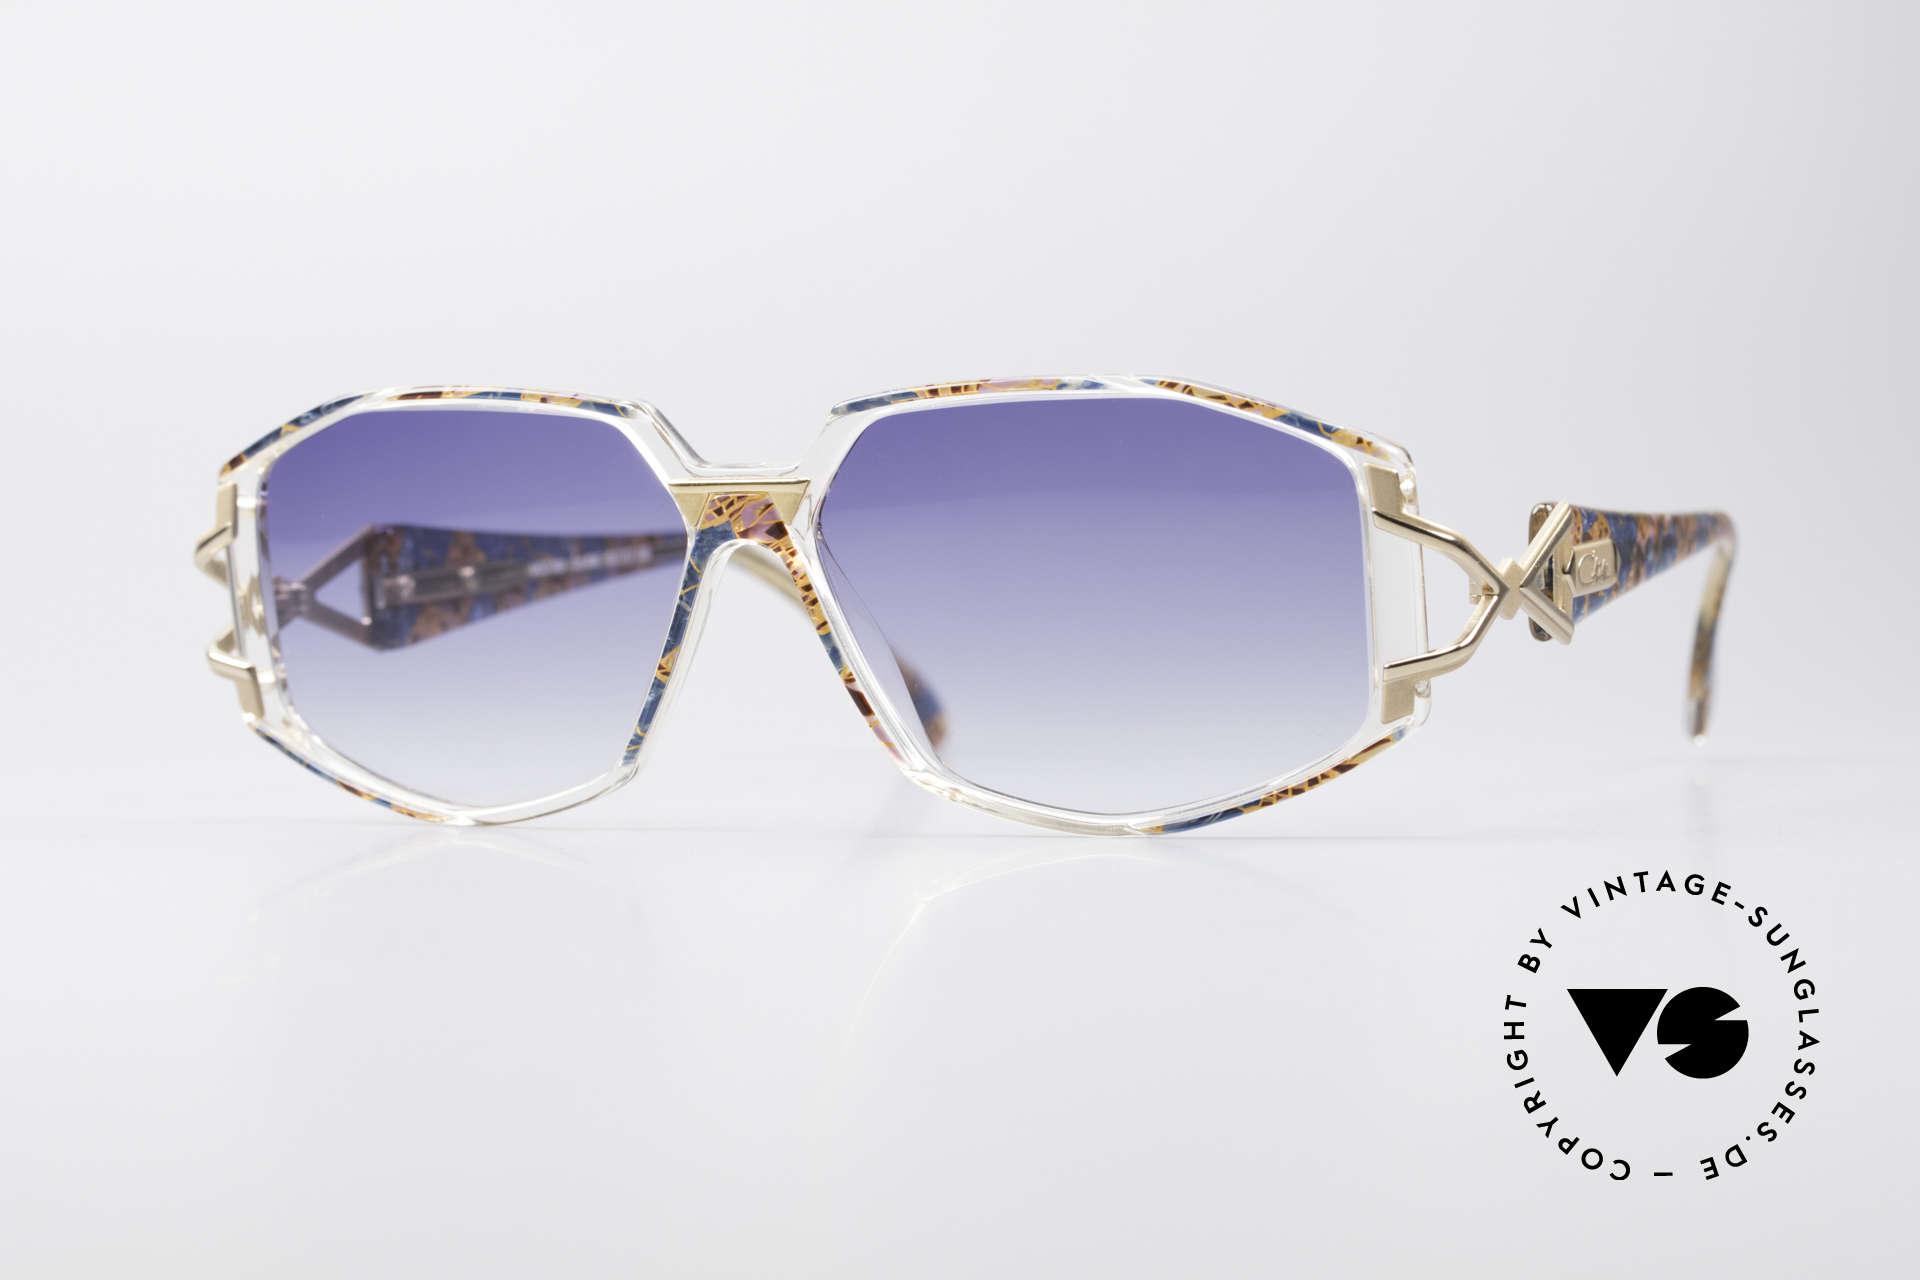 Cazal 368 90er Hip Hop Old School Brille, schmuckvolles CAZAL Design der frühen 90er Jahre, Passend für Damen